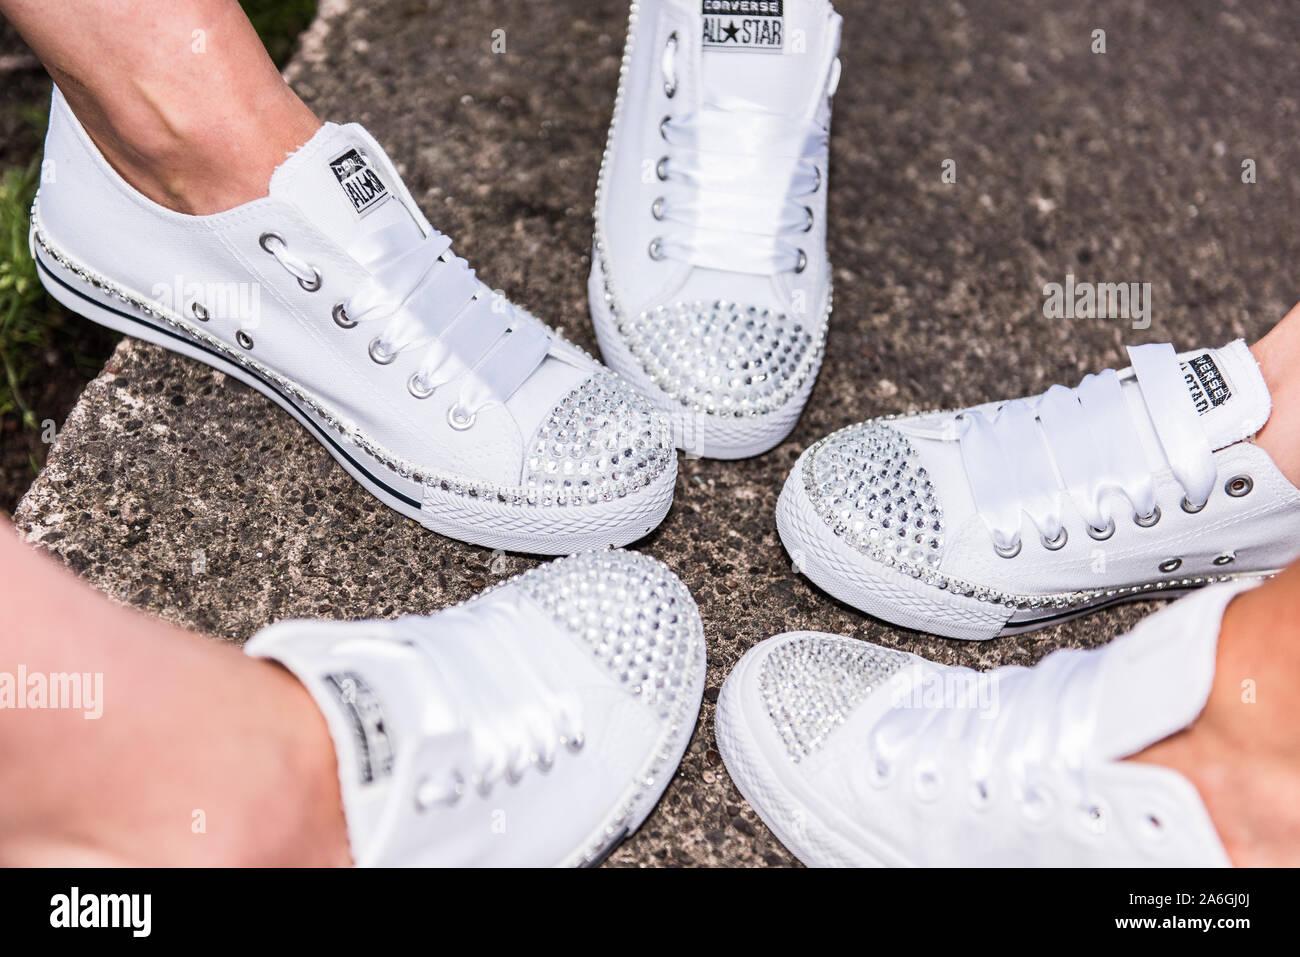 Converse All Stars Stockfotos und bilder Kaufen Alamy